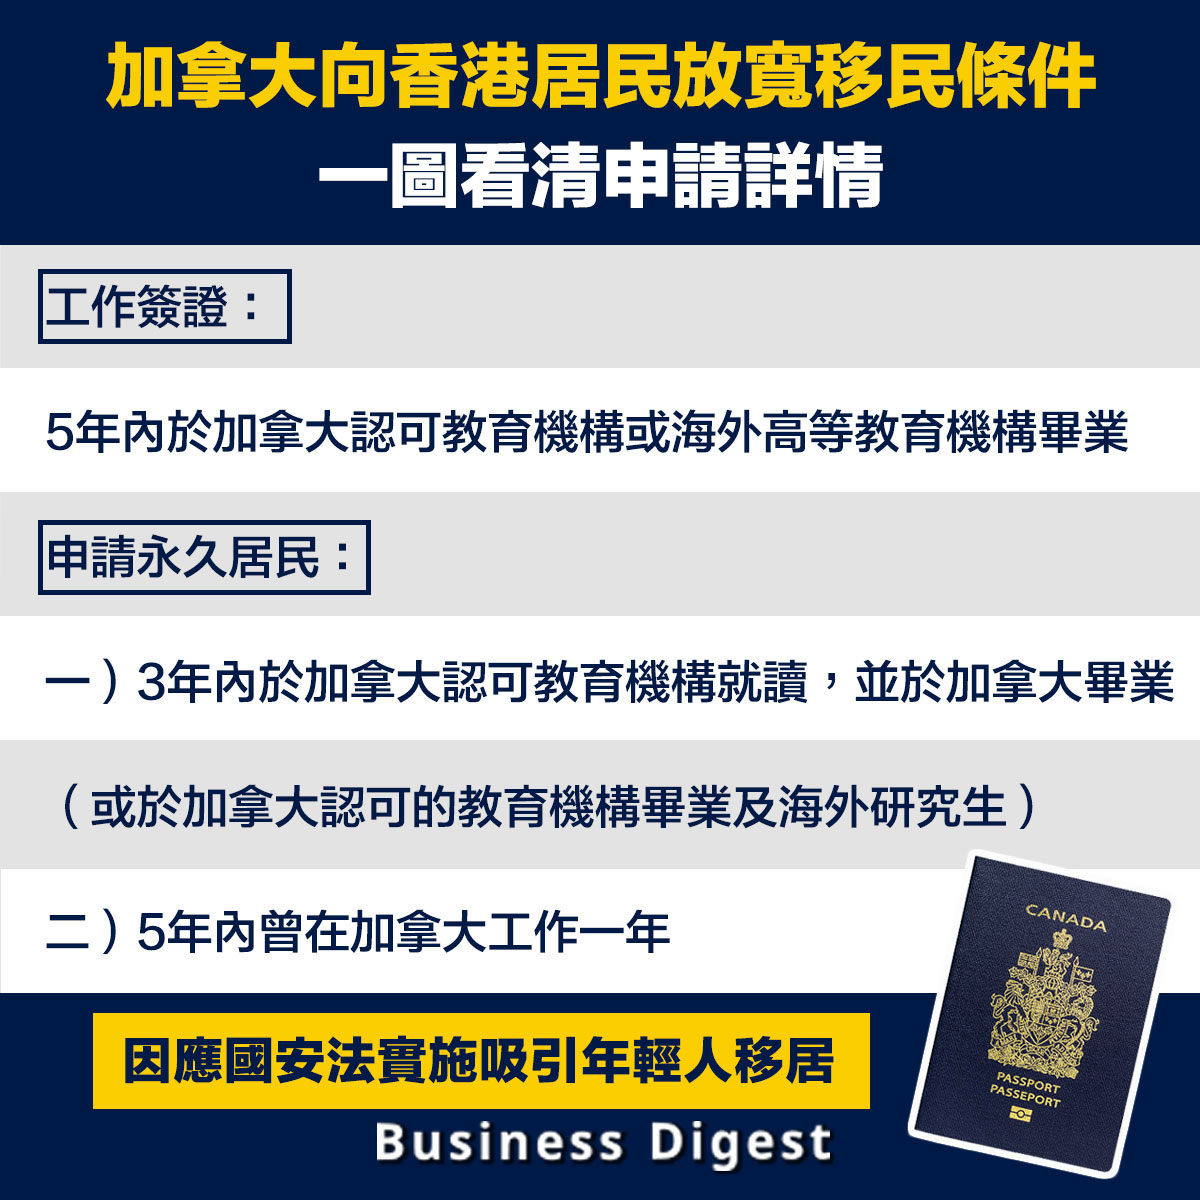 加拿大政府宣布,為吸引更多香港年輕人到加拿大學習及工作,在政策上將會提供更多便利